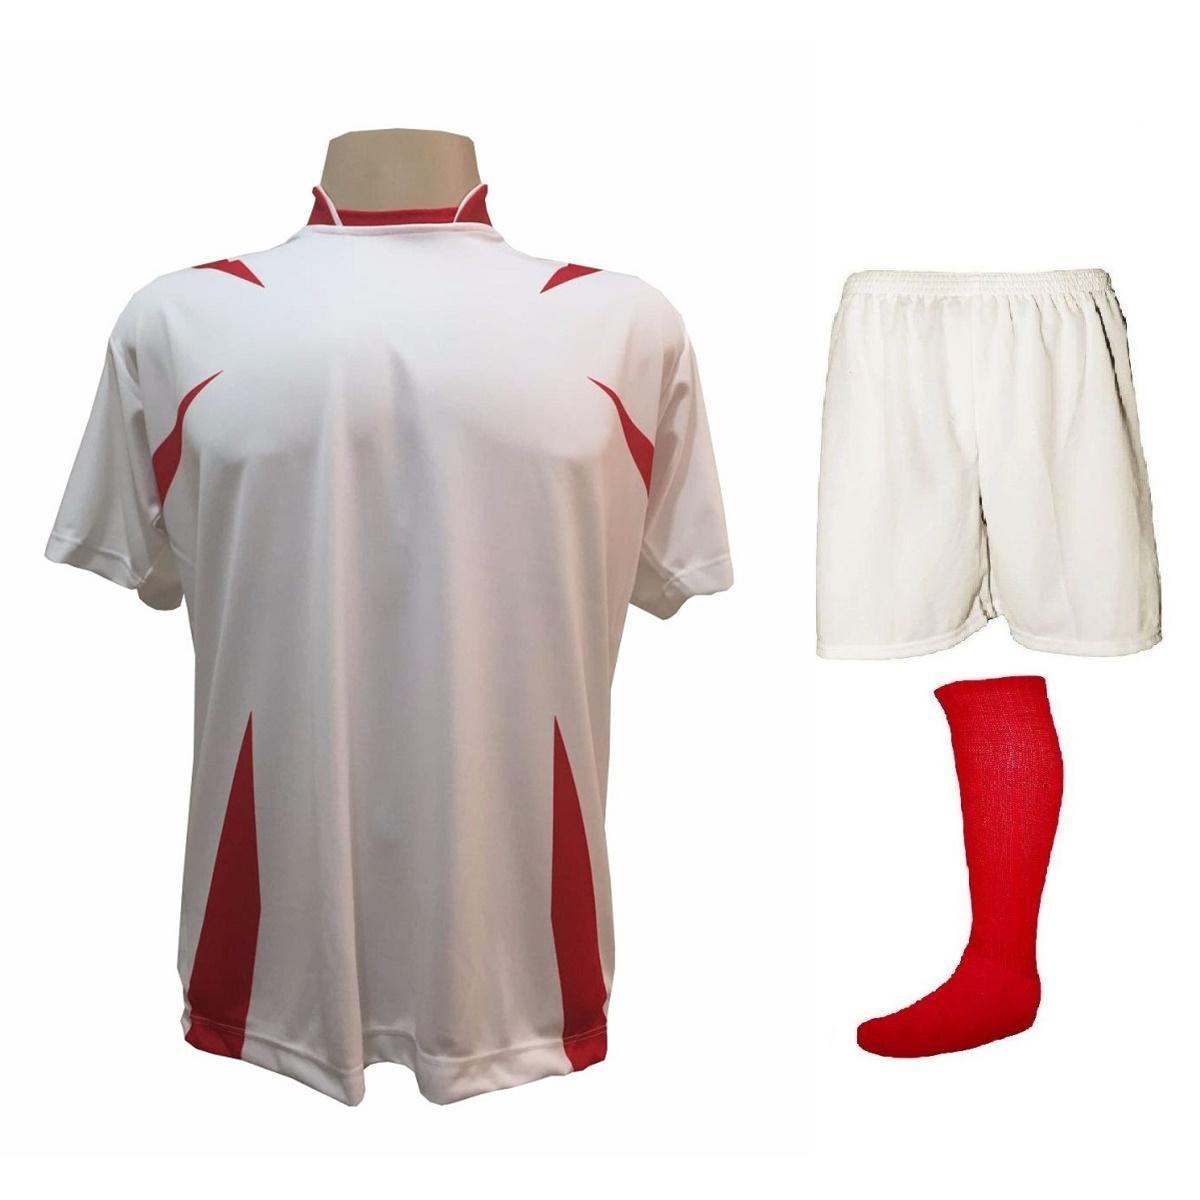 Uniforme Esportivo Completo modelo Palermo 14+1 (14 camisas Branco/Vermelho + 14 calções Madrid Branco + 14 pares de meiões Vermelhos + 1 conjunto de goleiro) + Brindes